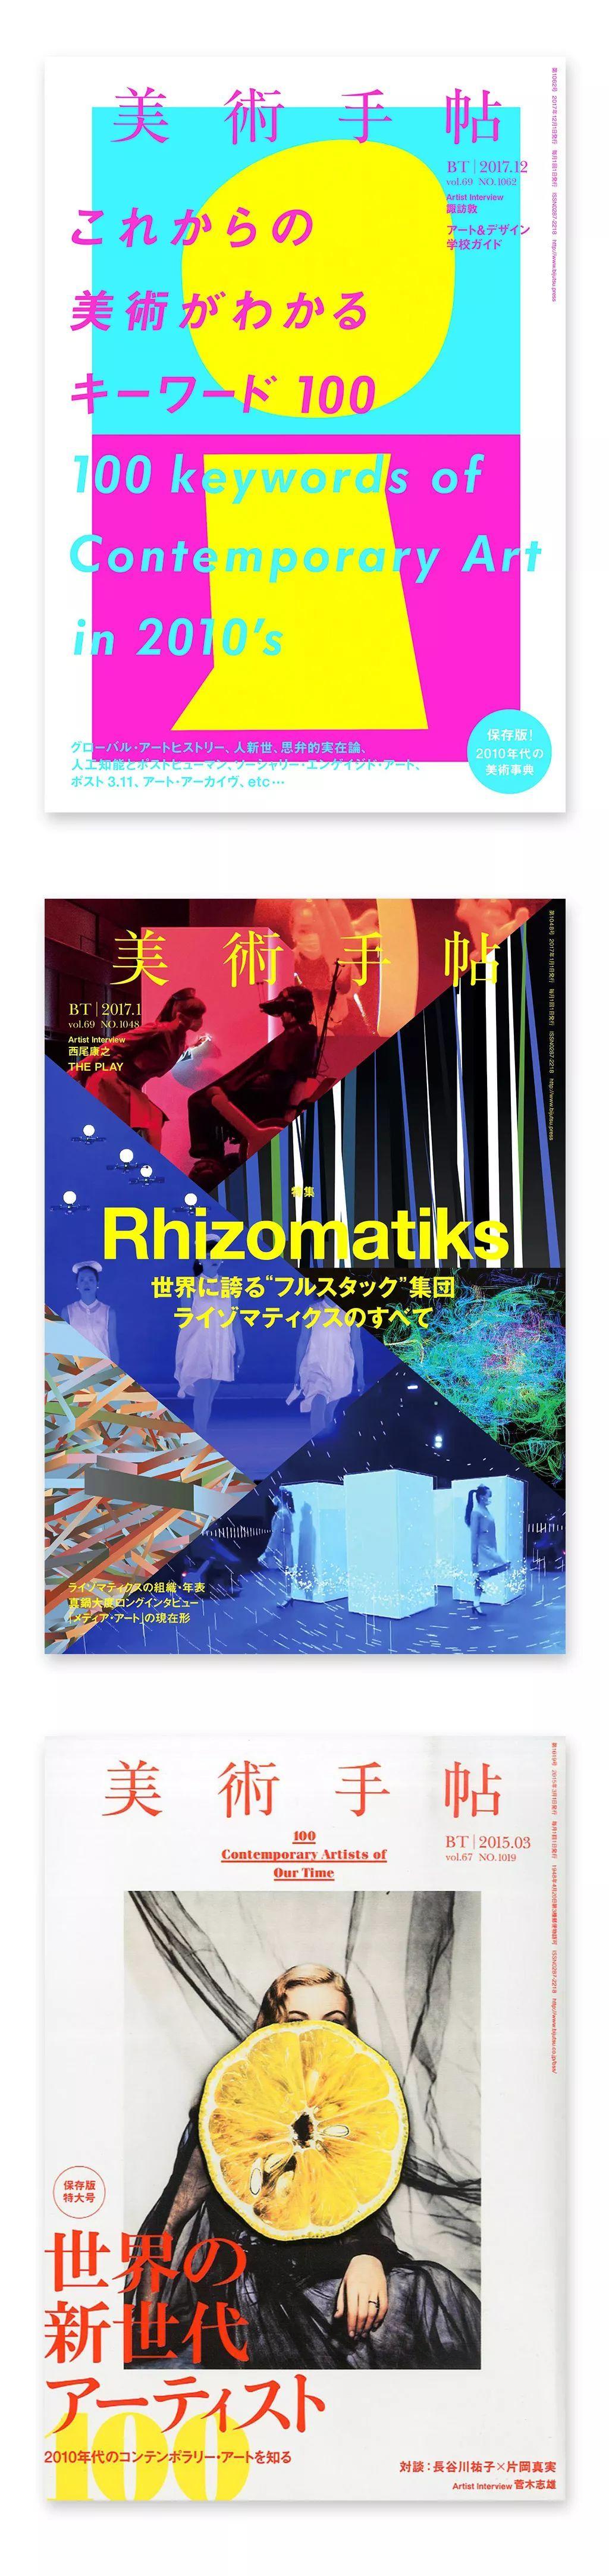 日本杂志封面设计